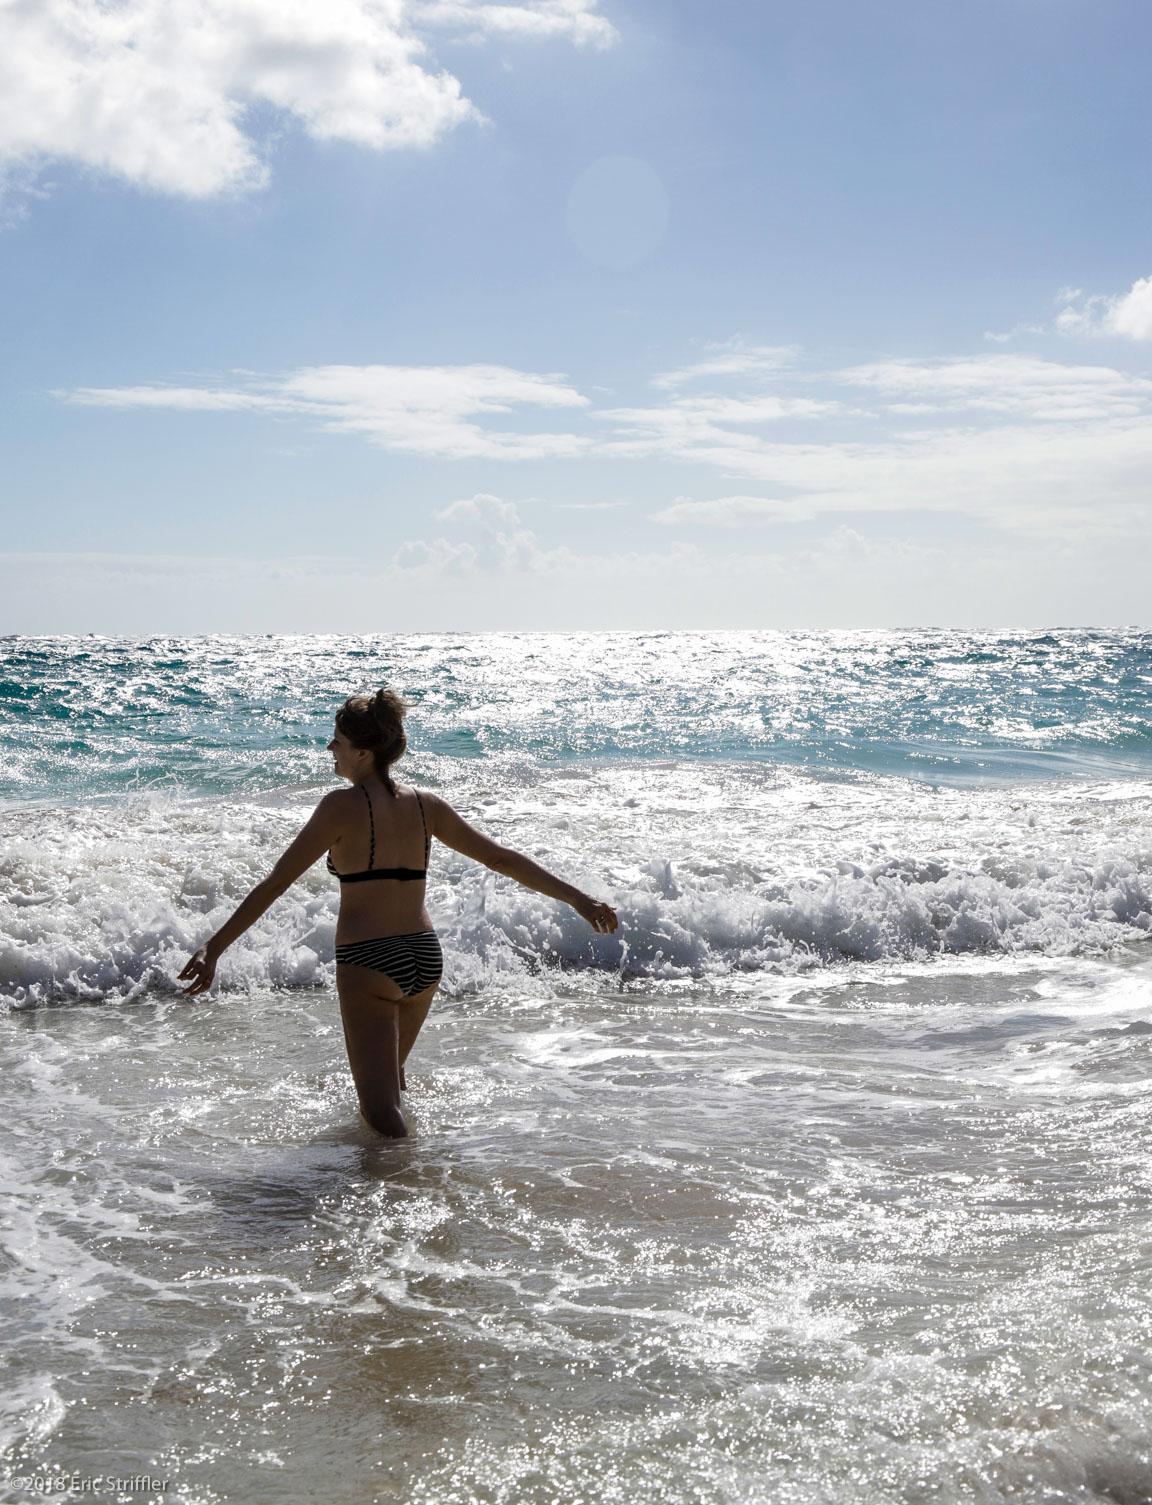 Morning swim at Macaroni Beach